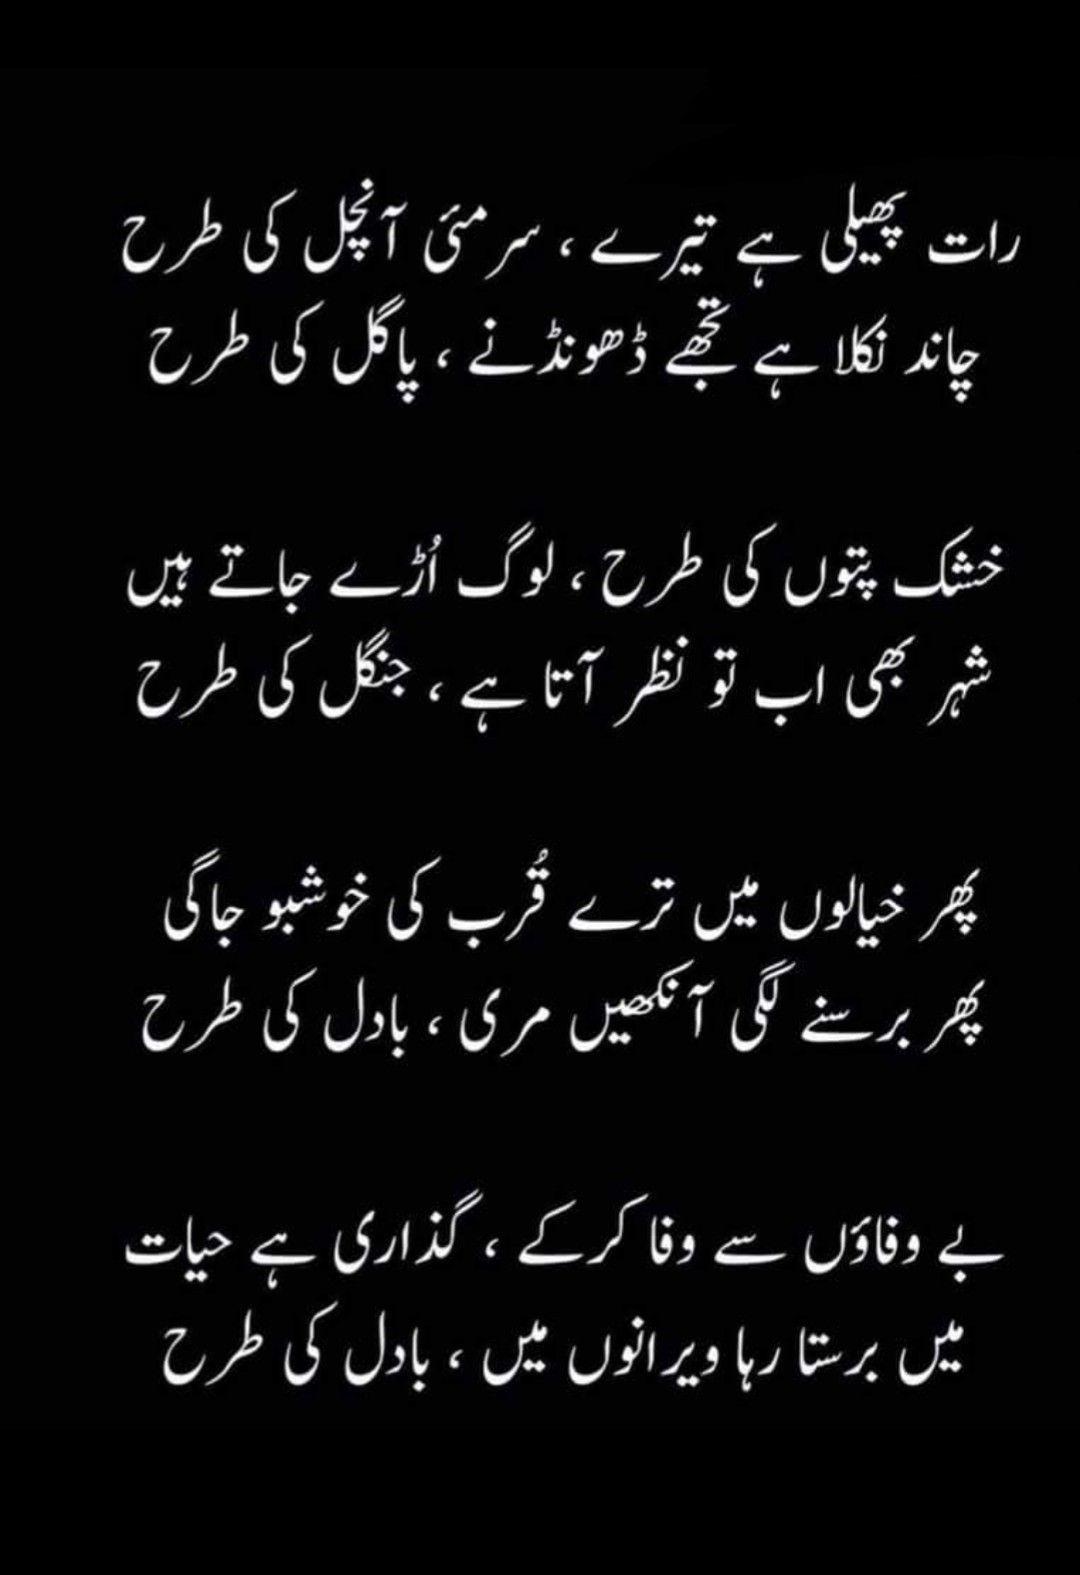 Chand nikla he tujhe dhoondne Pagal ki tarah     ❣ | Urdu